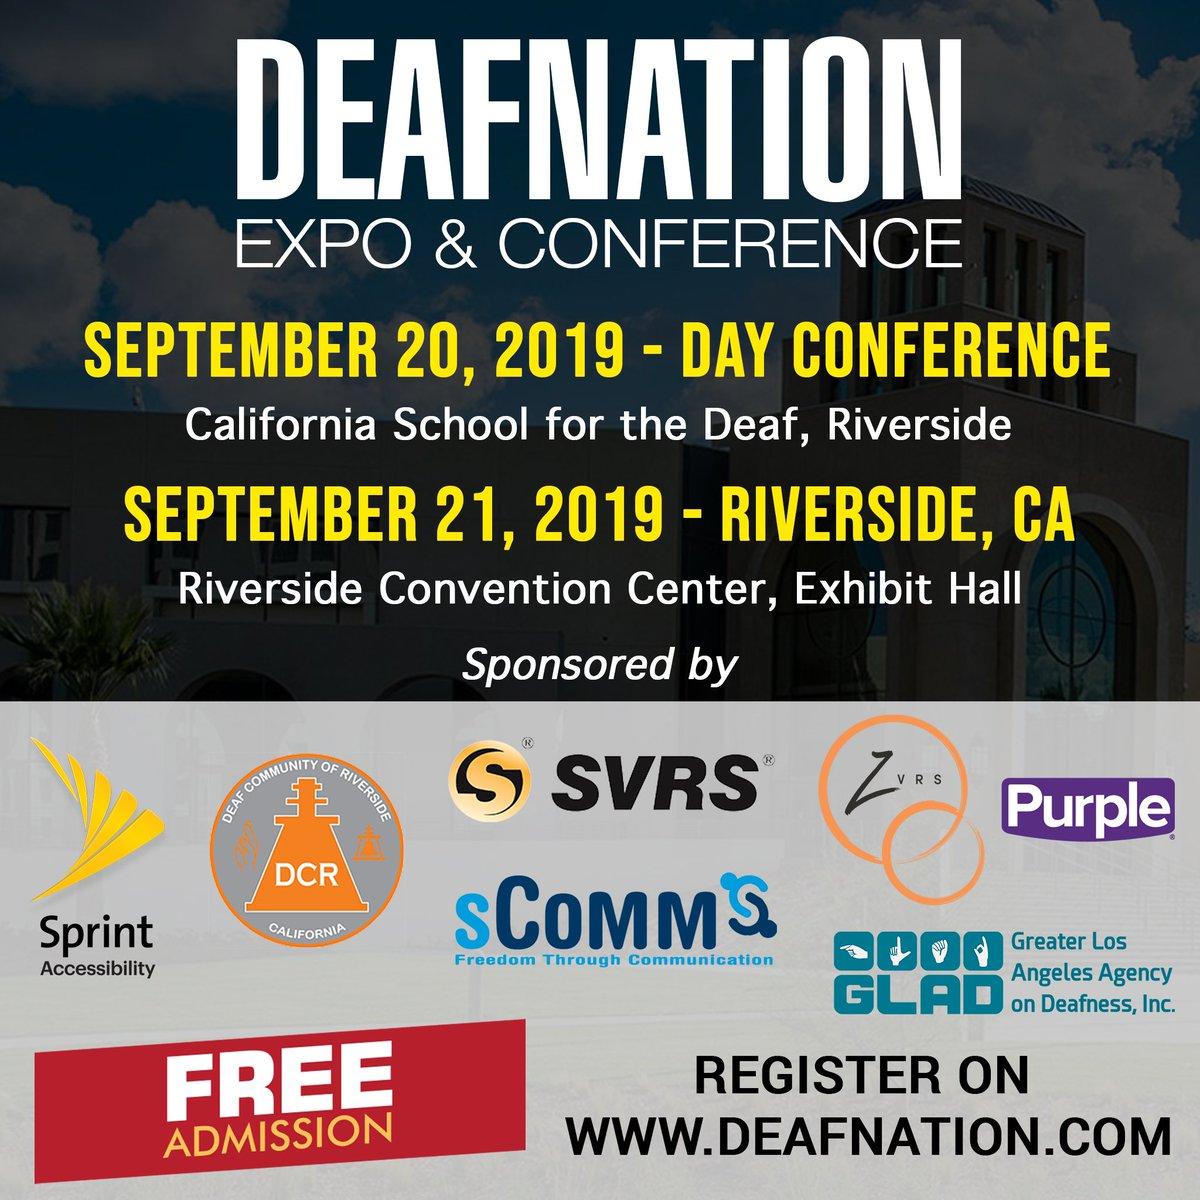 DeafNation (@deafnation) | Twitter